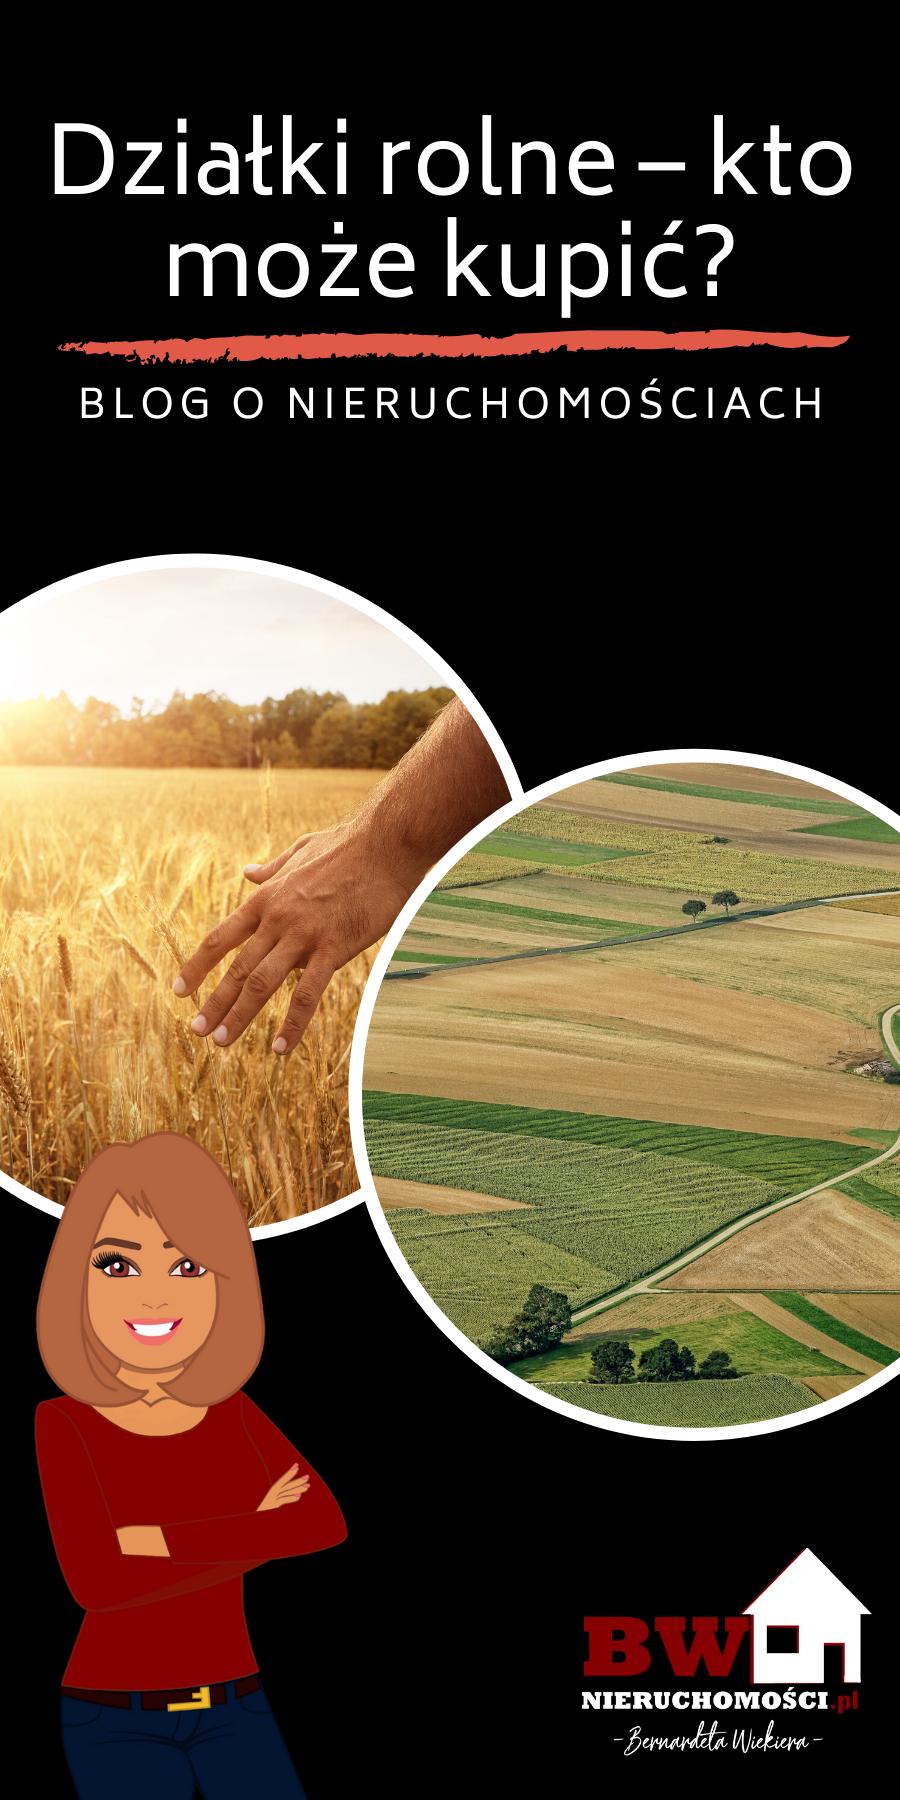 Działki rolne kto może kupić? in 2020 (With images